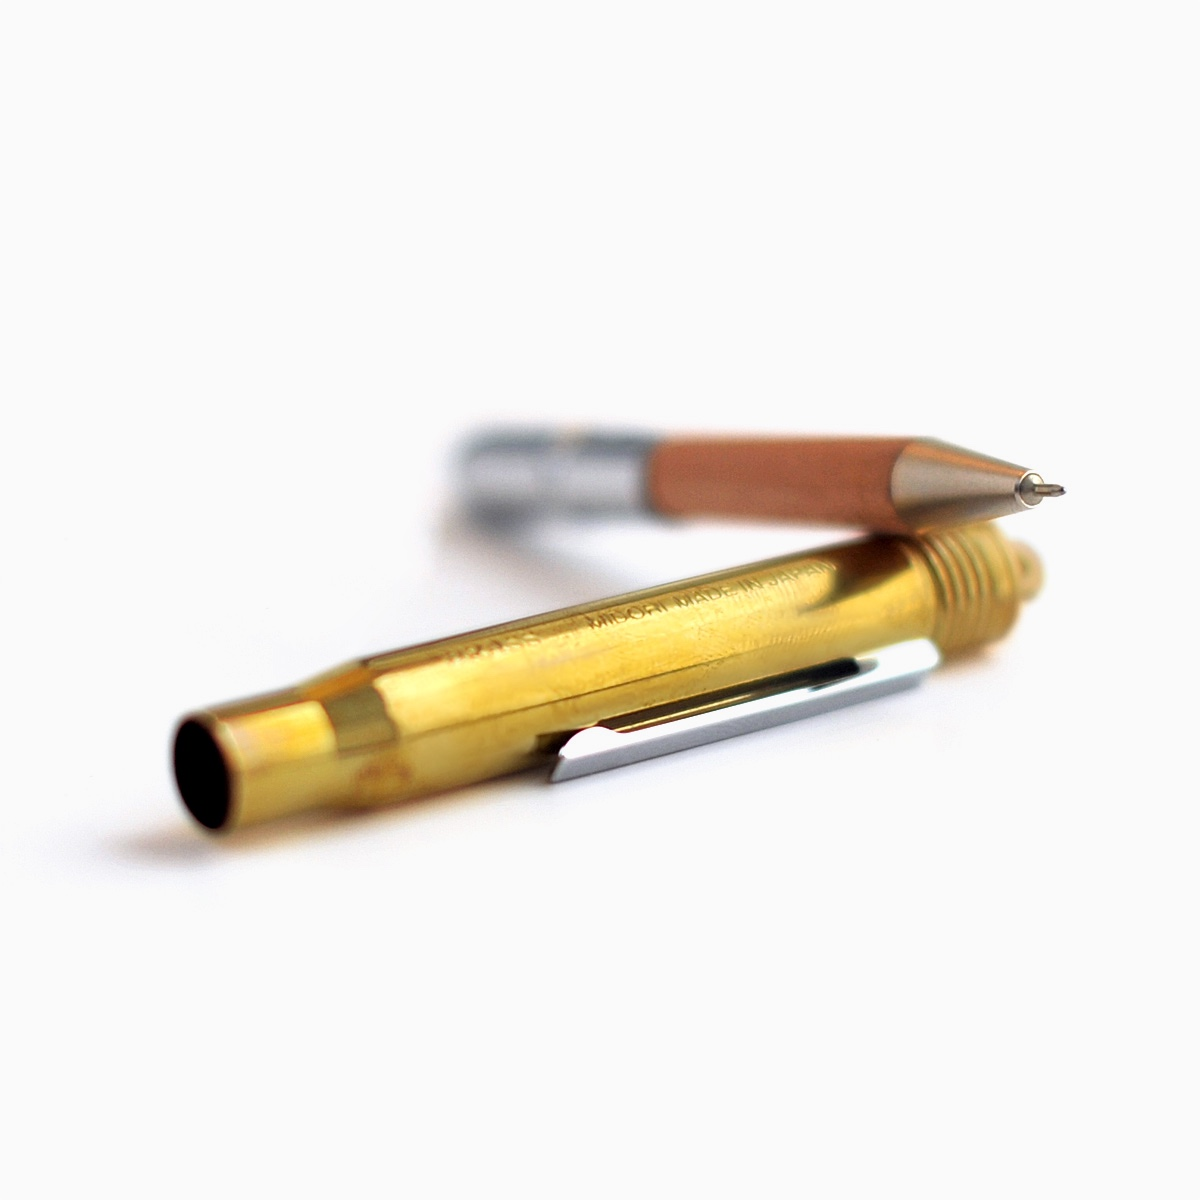 Brass Ball Point Pen Refill